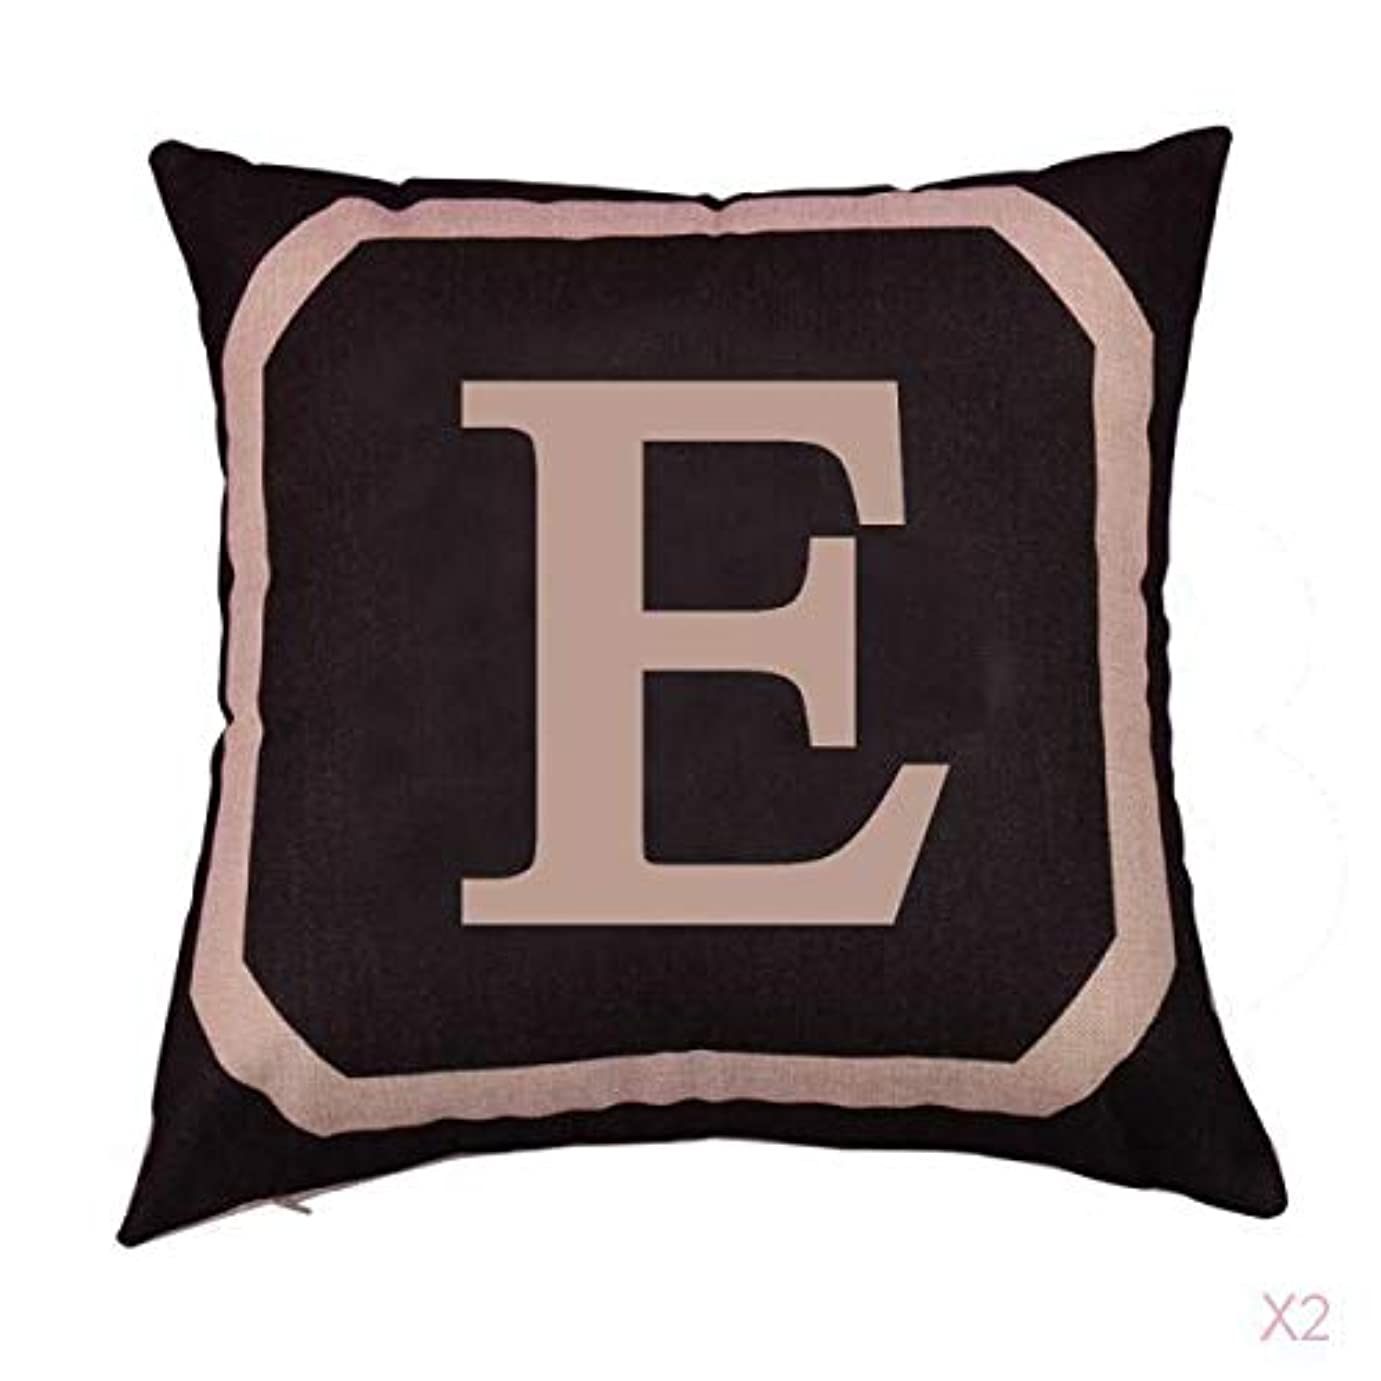 くそー休日平和的正方形の綿のリネンスローピローケース腰クッションカバーベッドソファ装飾電子